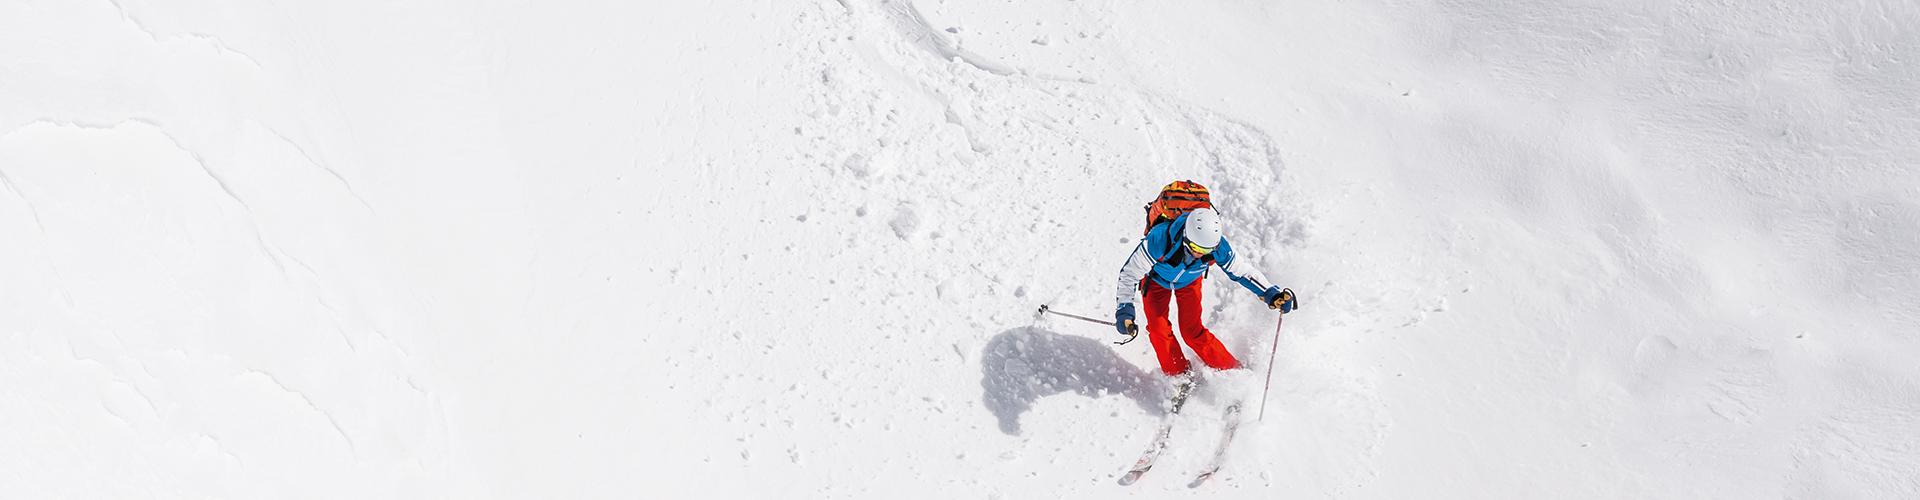 Skifahren im Powderschnee Tauplitz